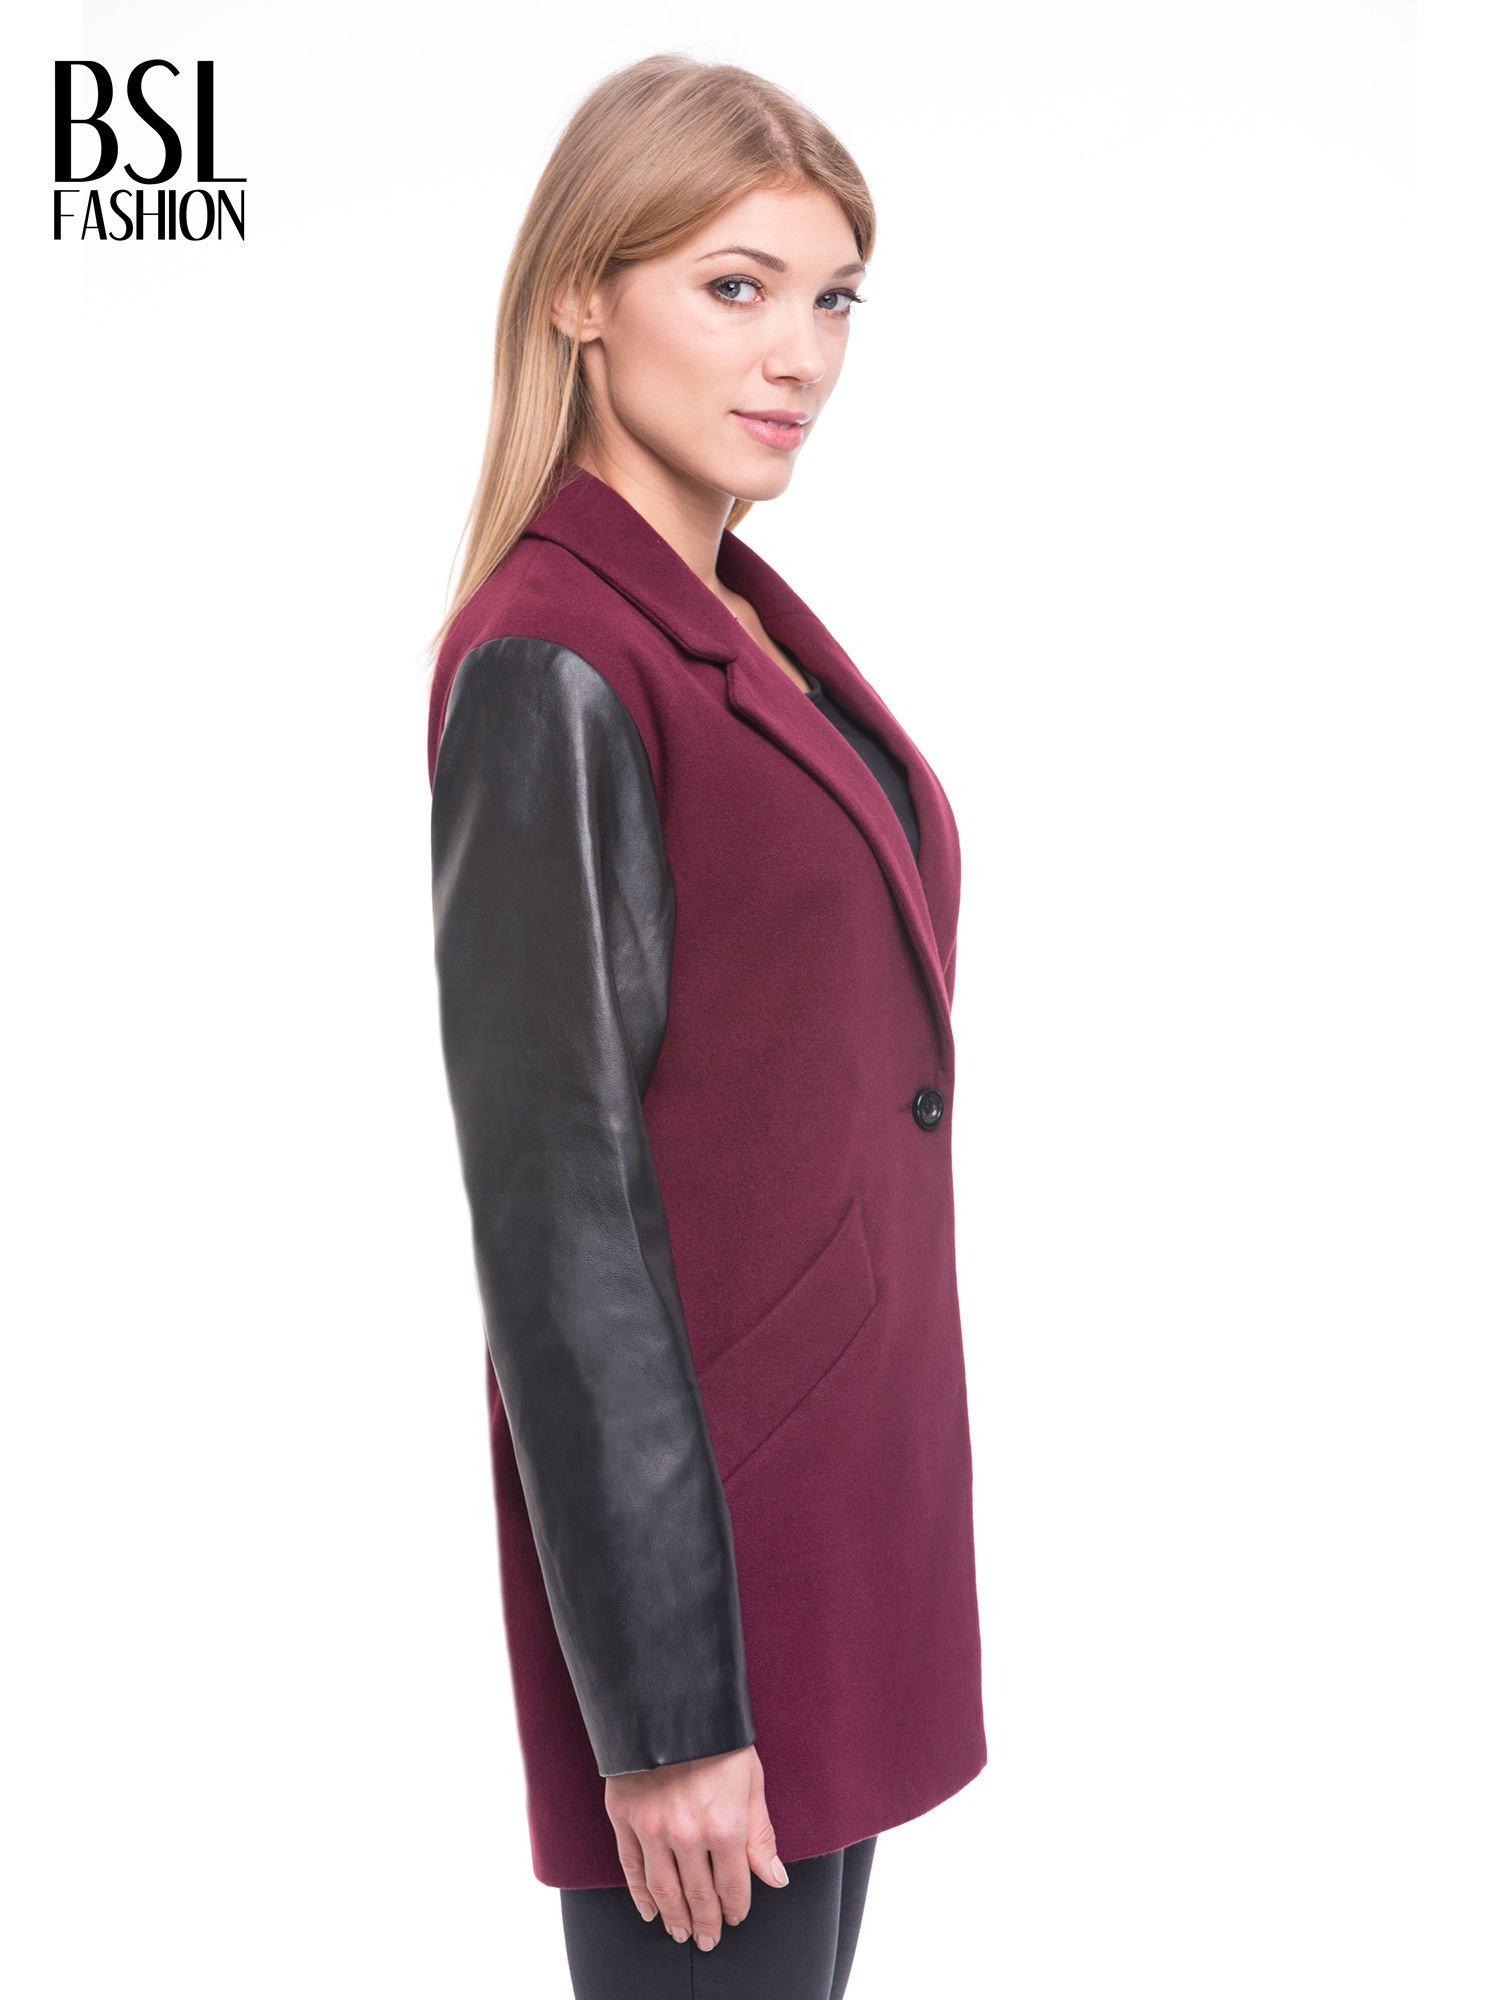 Bordowy płaszcz jednorzędowy ze skórzanymi rękawami                                  zdj.                                  3